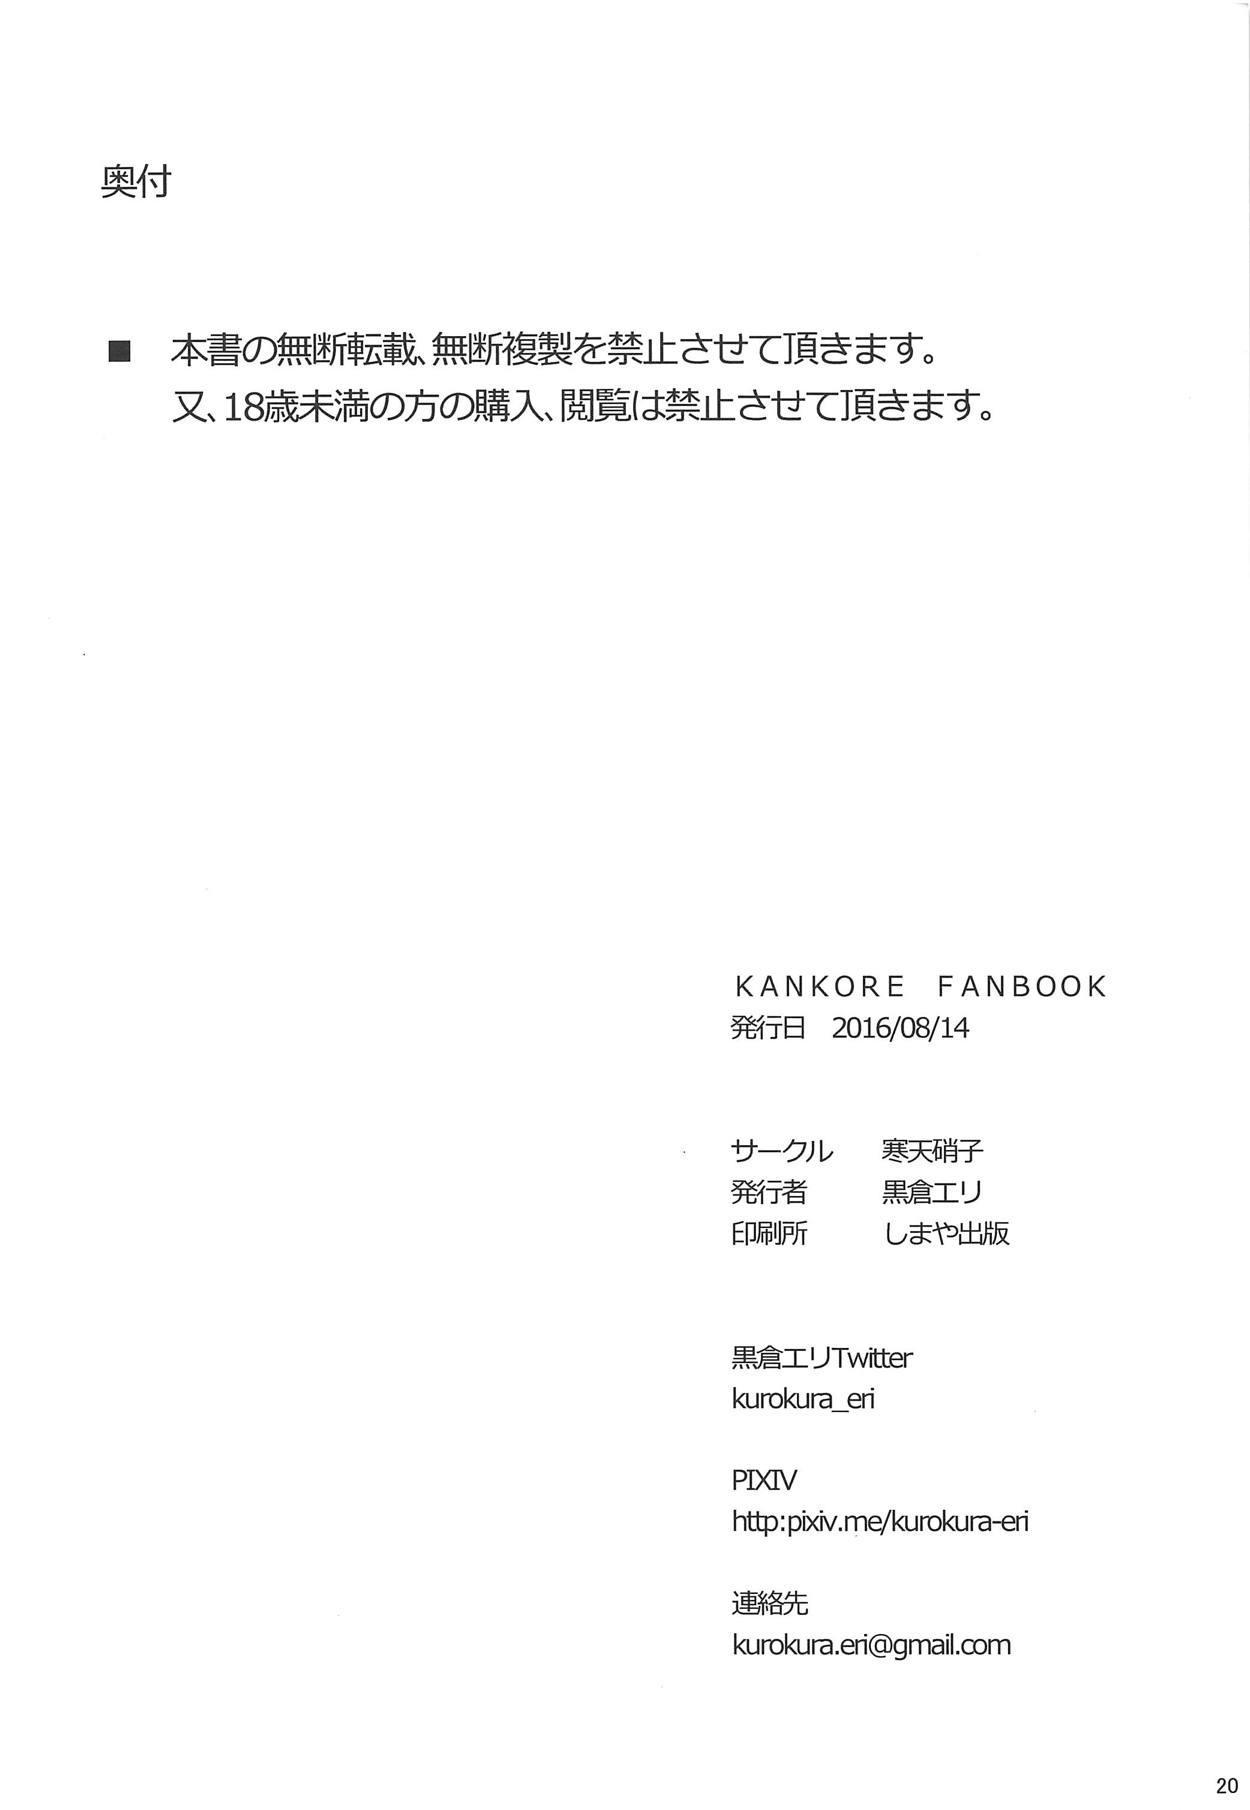 (C90) [Kanten Garas (Kurokura Eri)] Kaga-shiki Stress Kaishouhou | Kaga-style Stress Relief (Kantai Collection -KanColle-) [English] [Feeed] 20